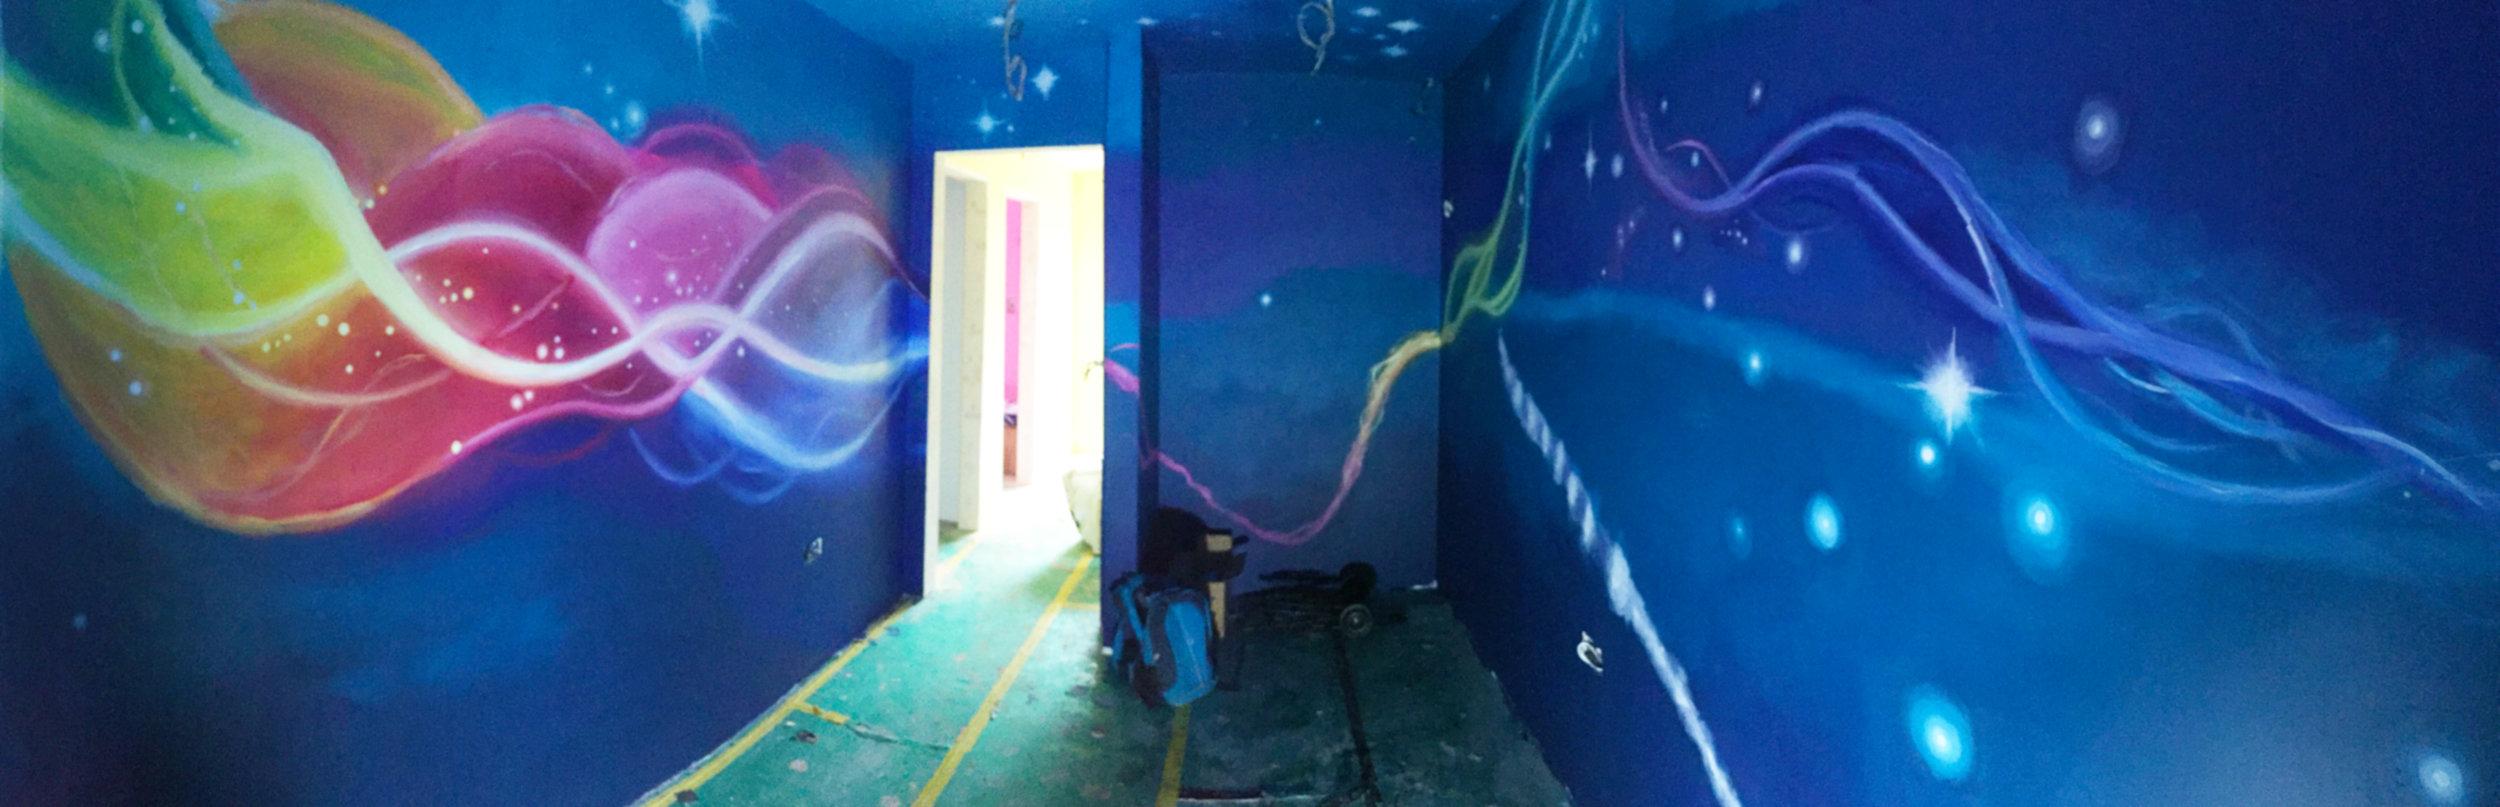 merling room.jpg